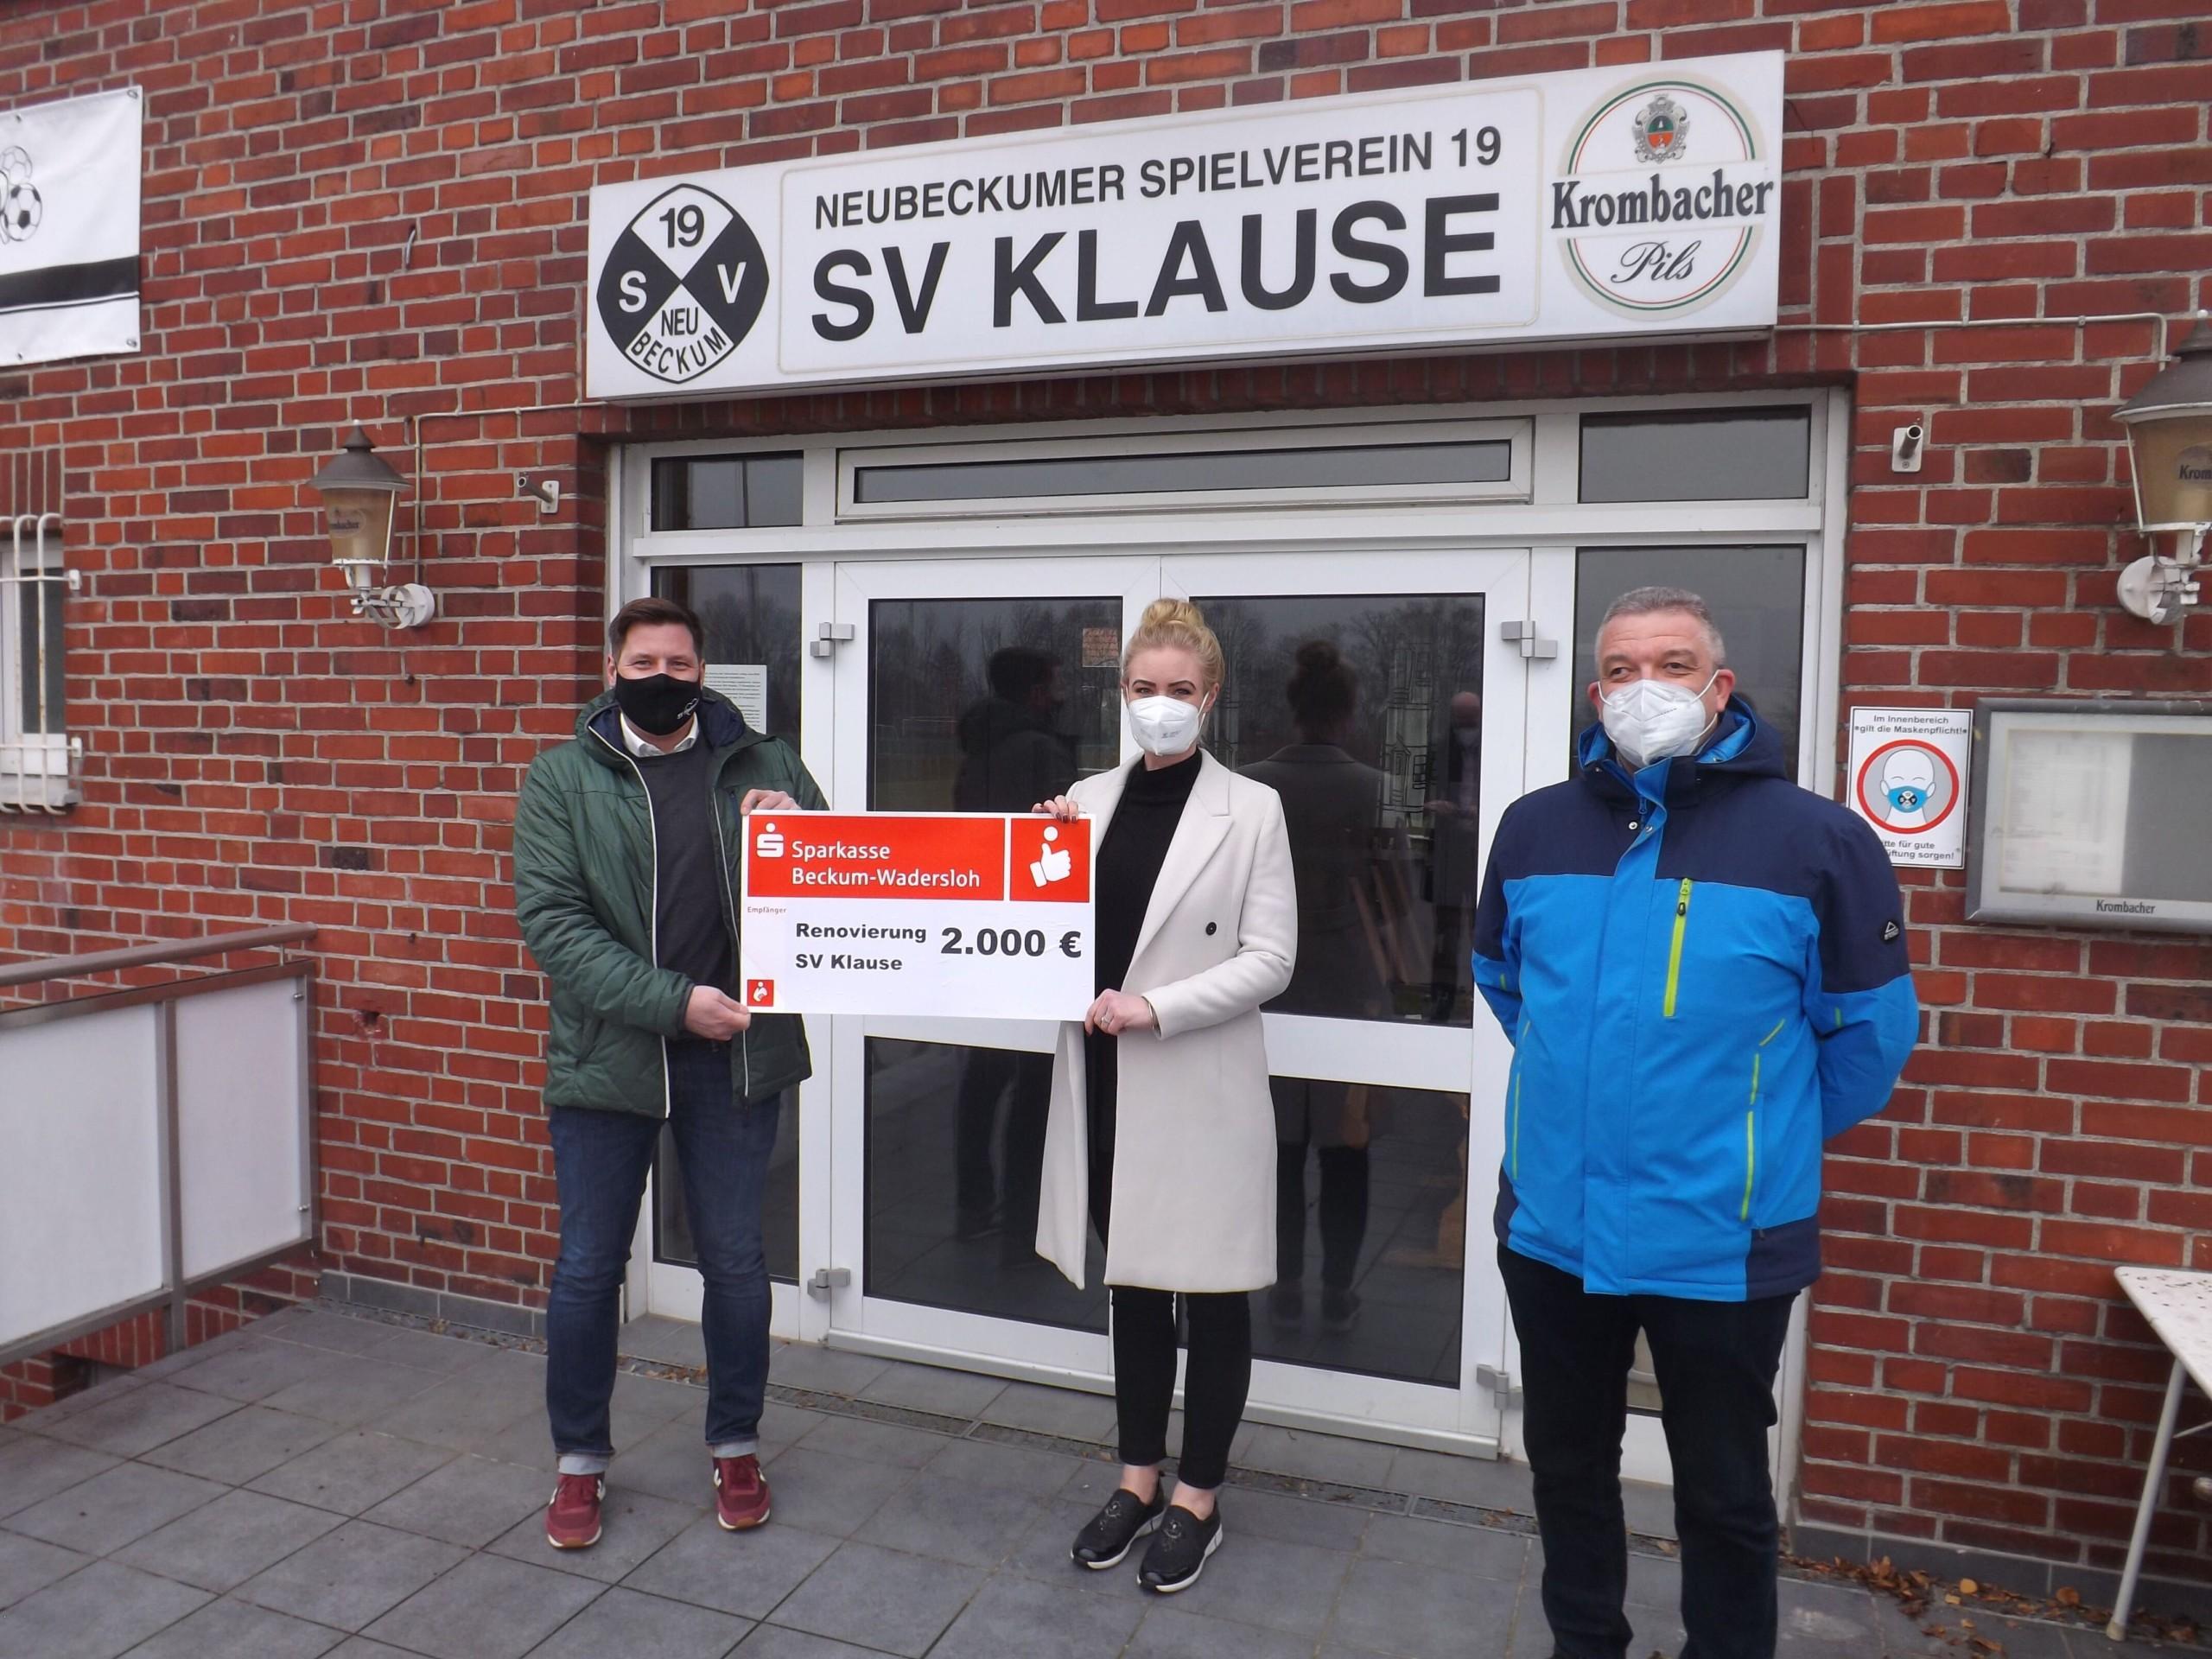 Für die SV Klause – Sparkasse überreicht Spende